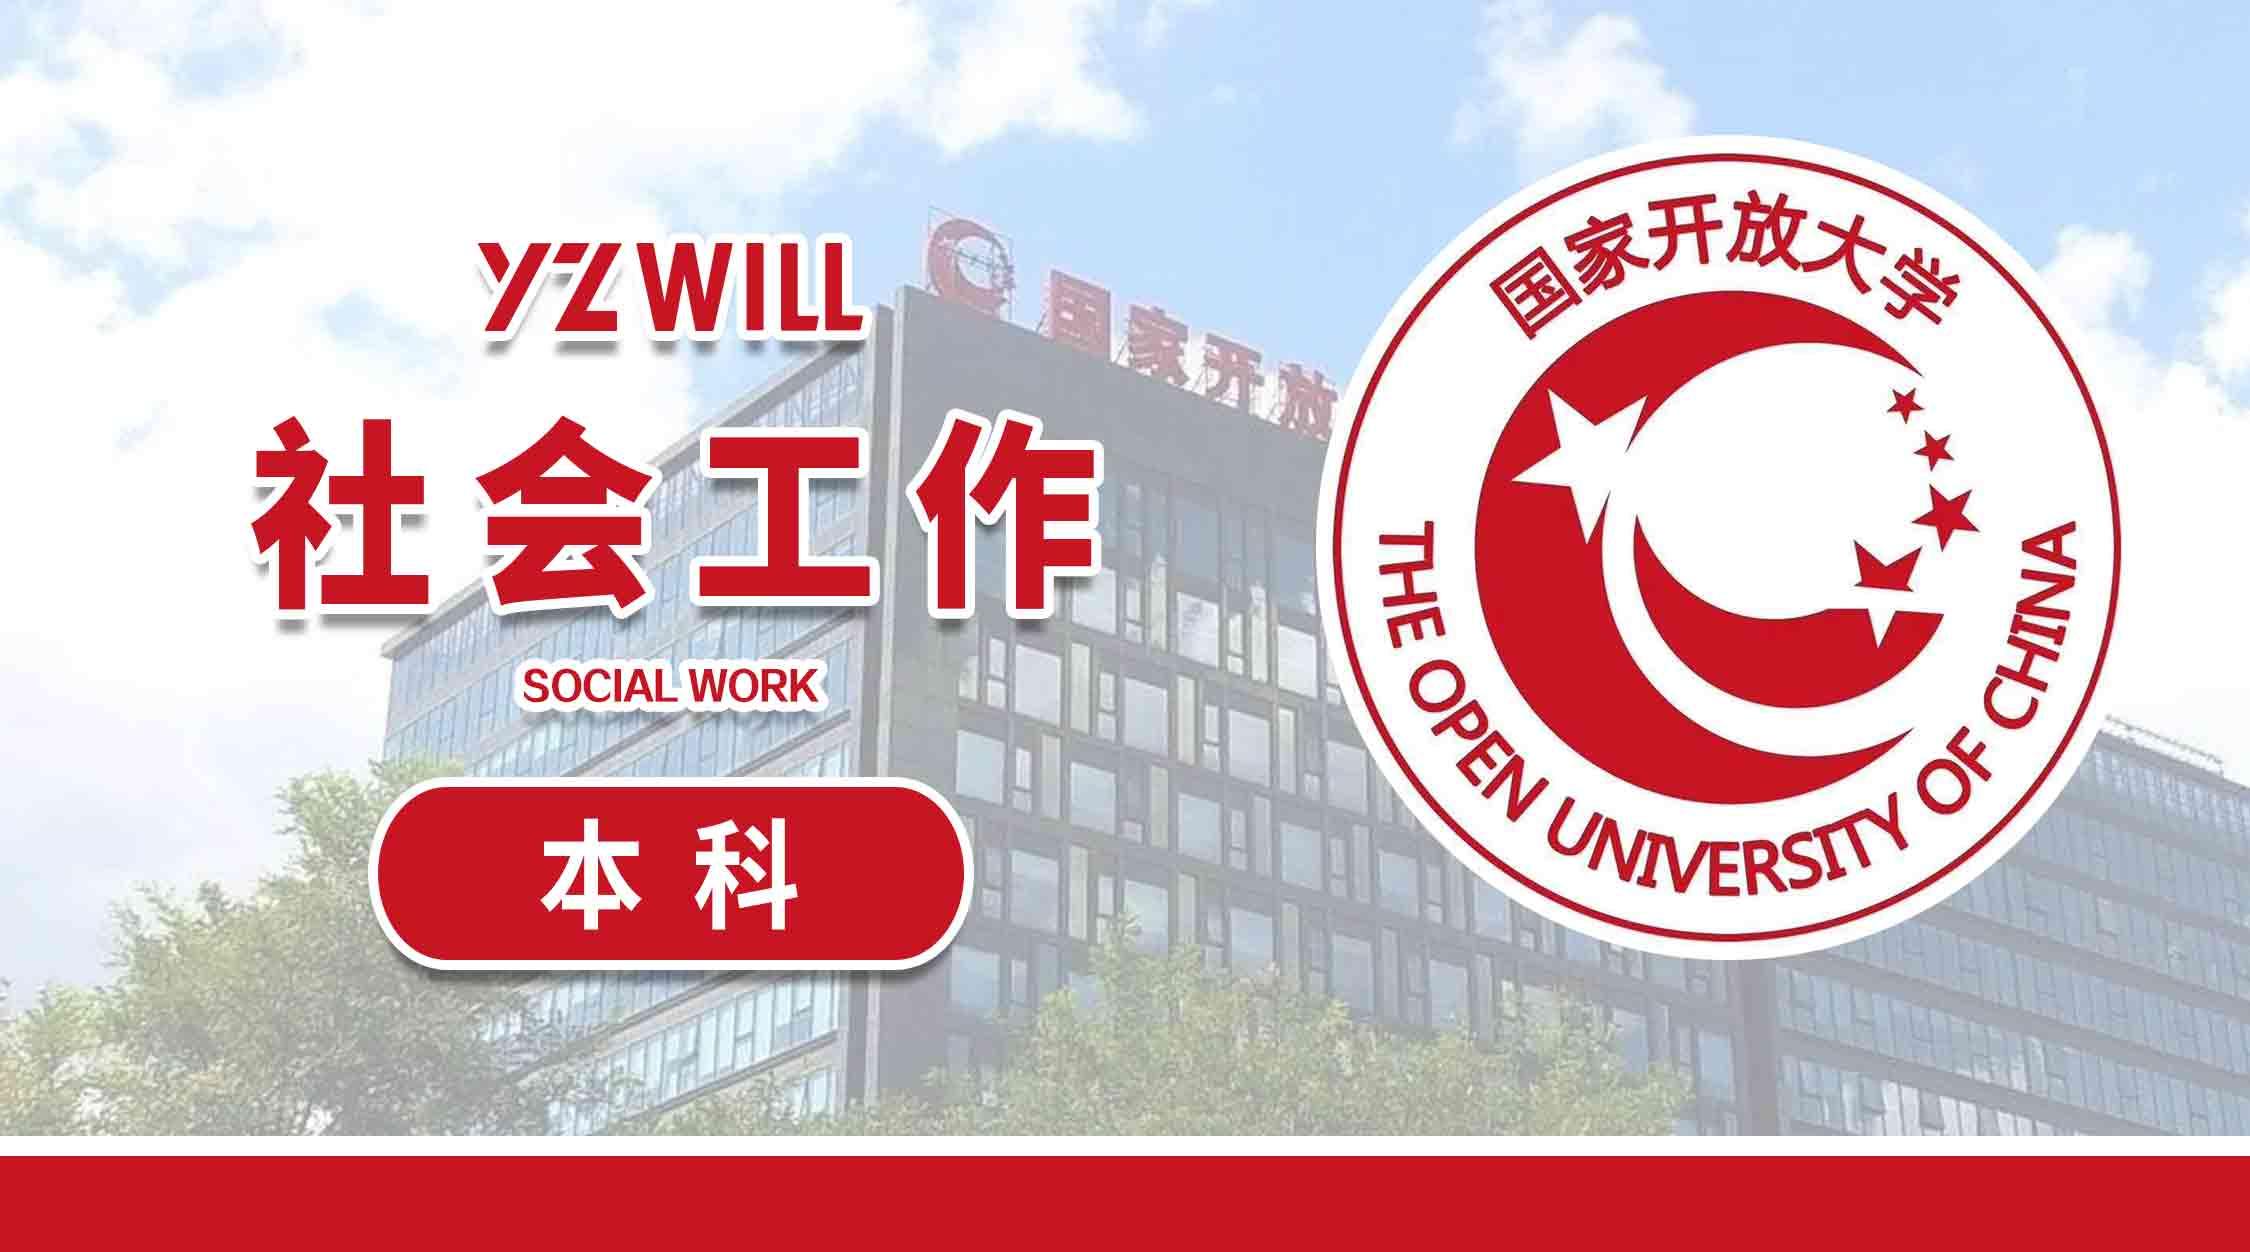 社会工作(本科202009)